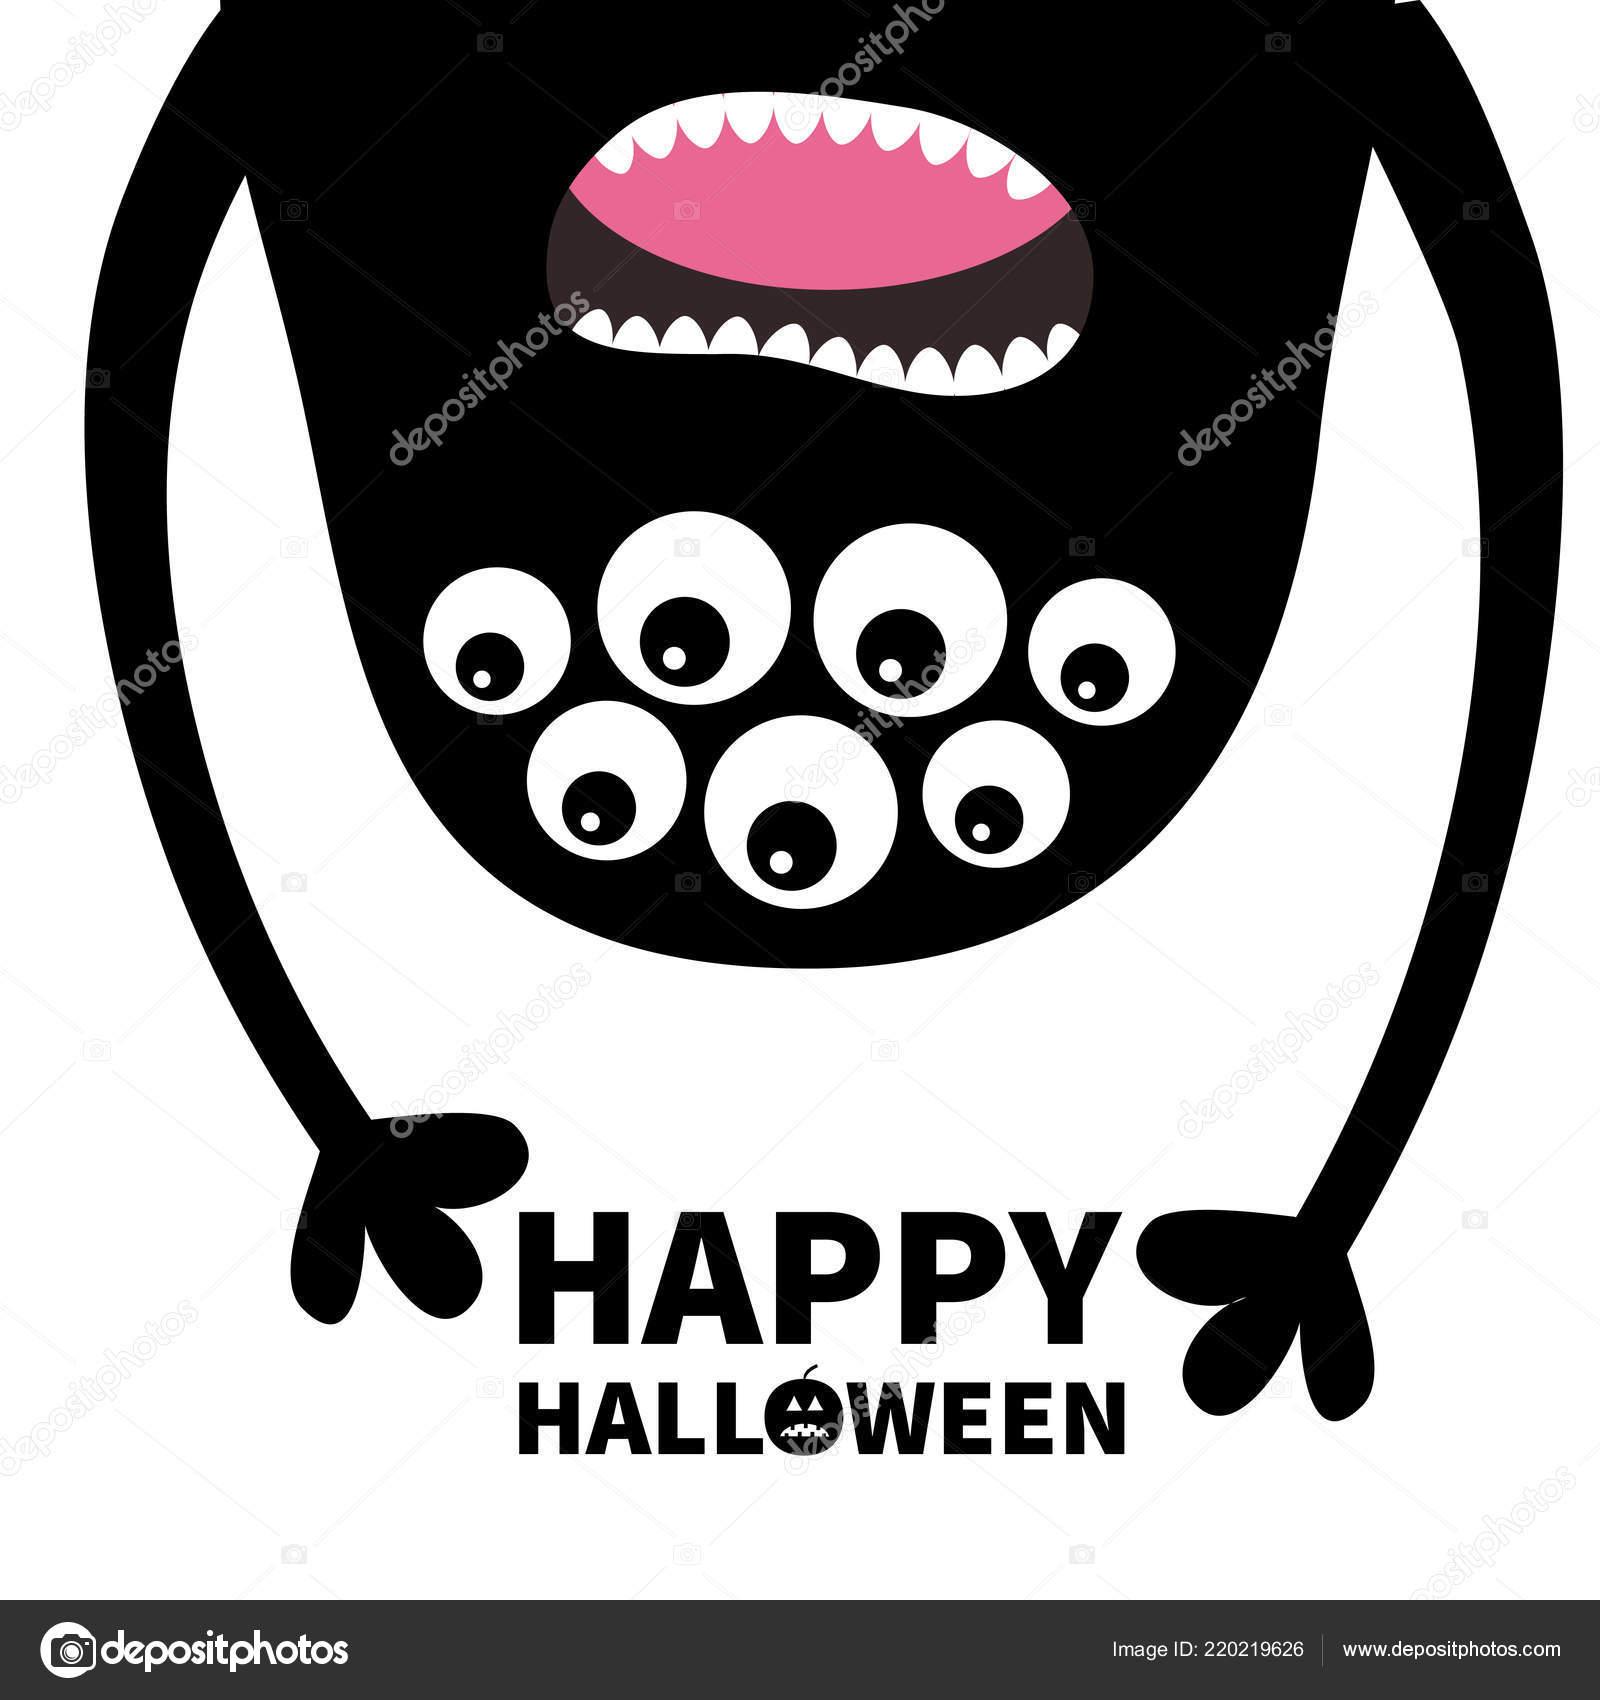 Happy Halloween Karte Schreiende Monster Kopf Silhouette Viele Augen